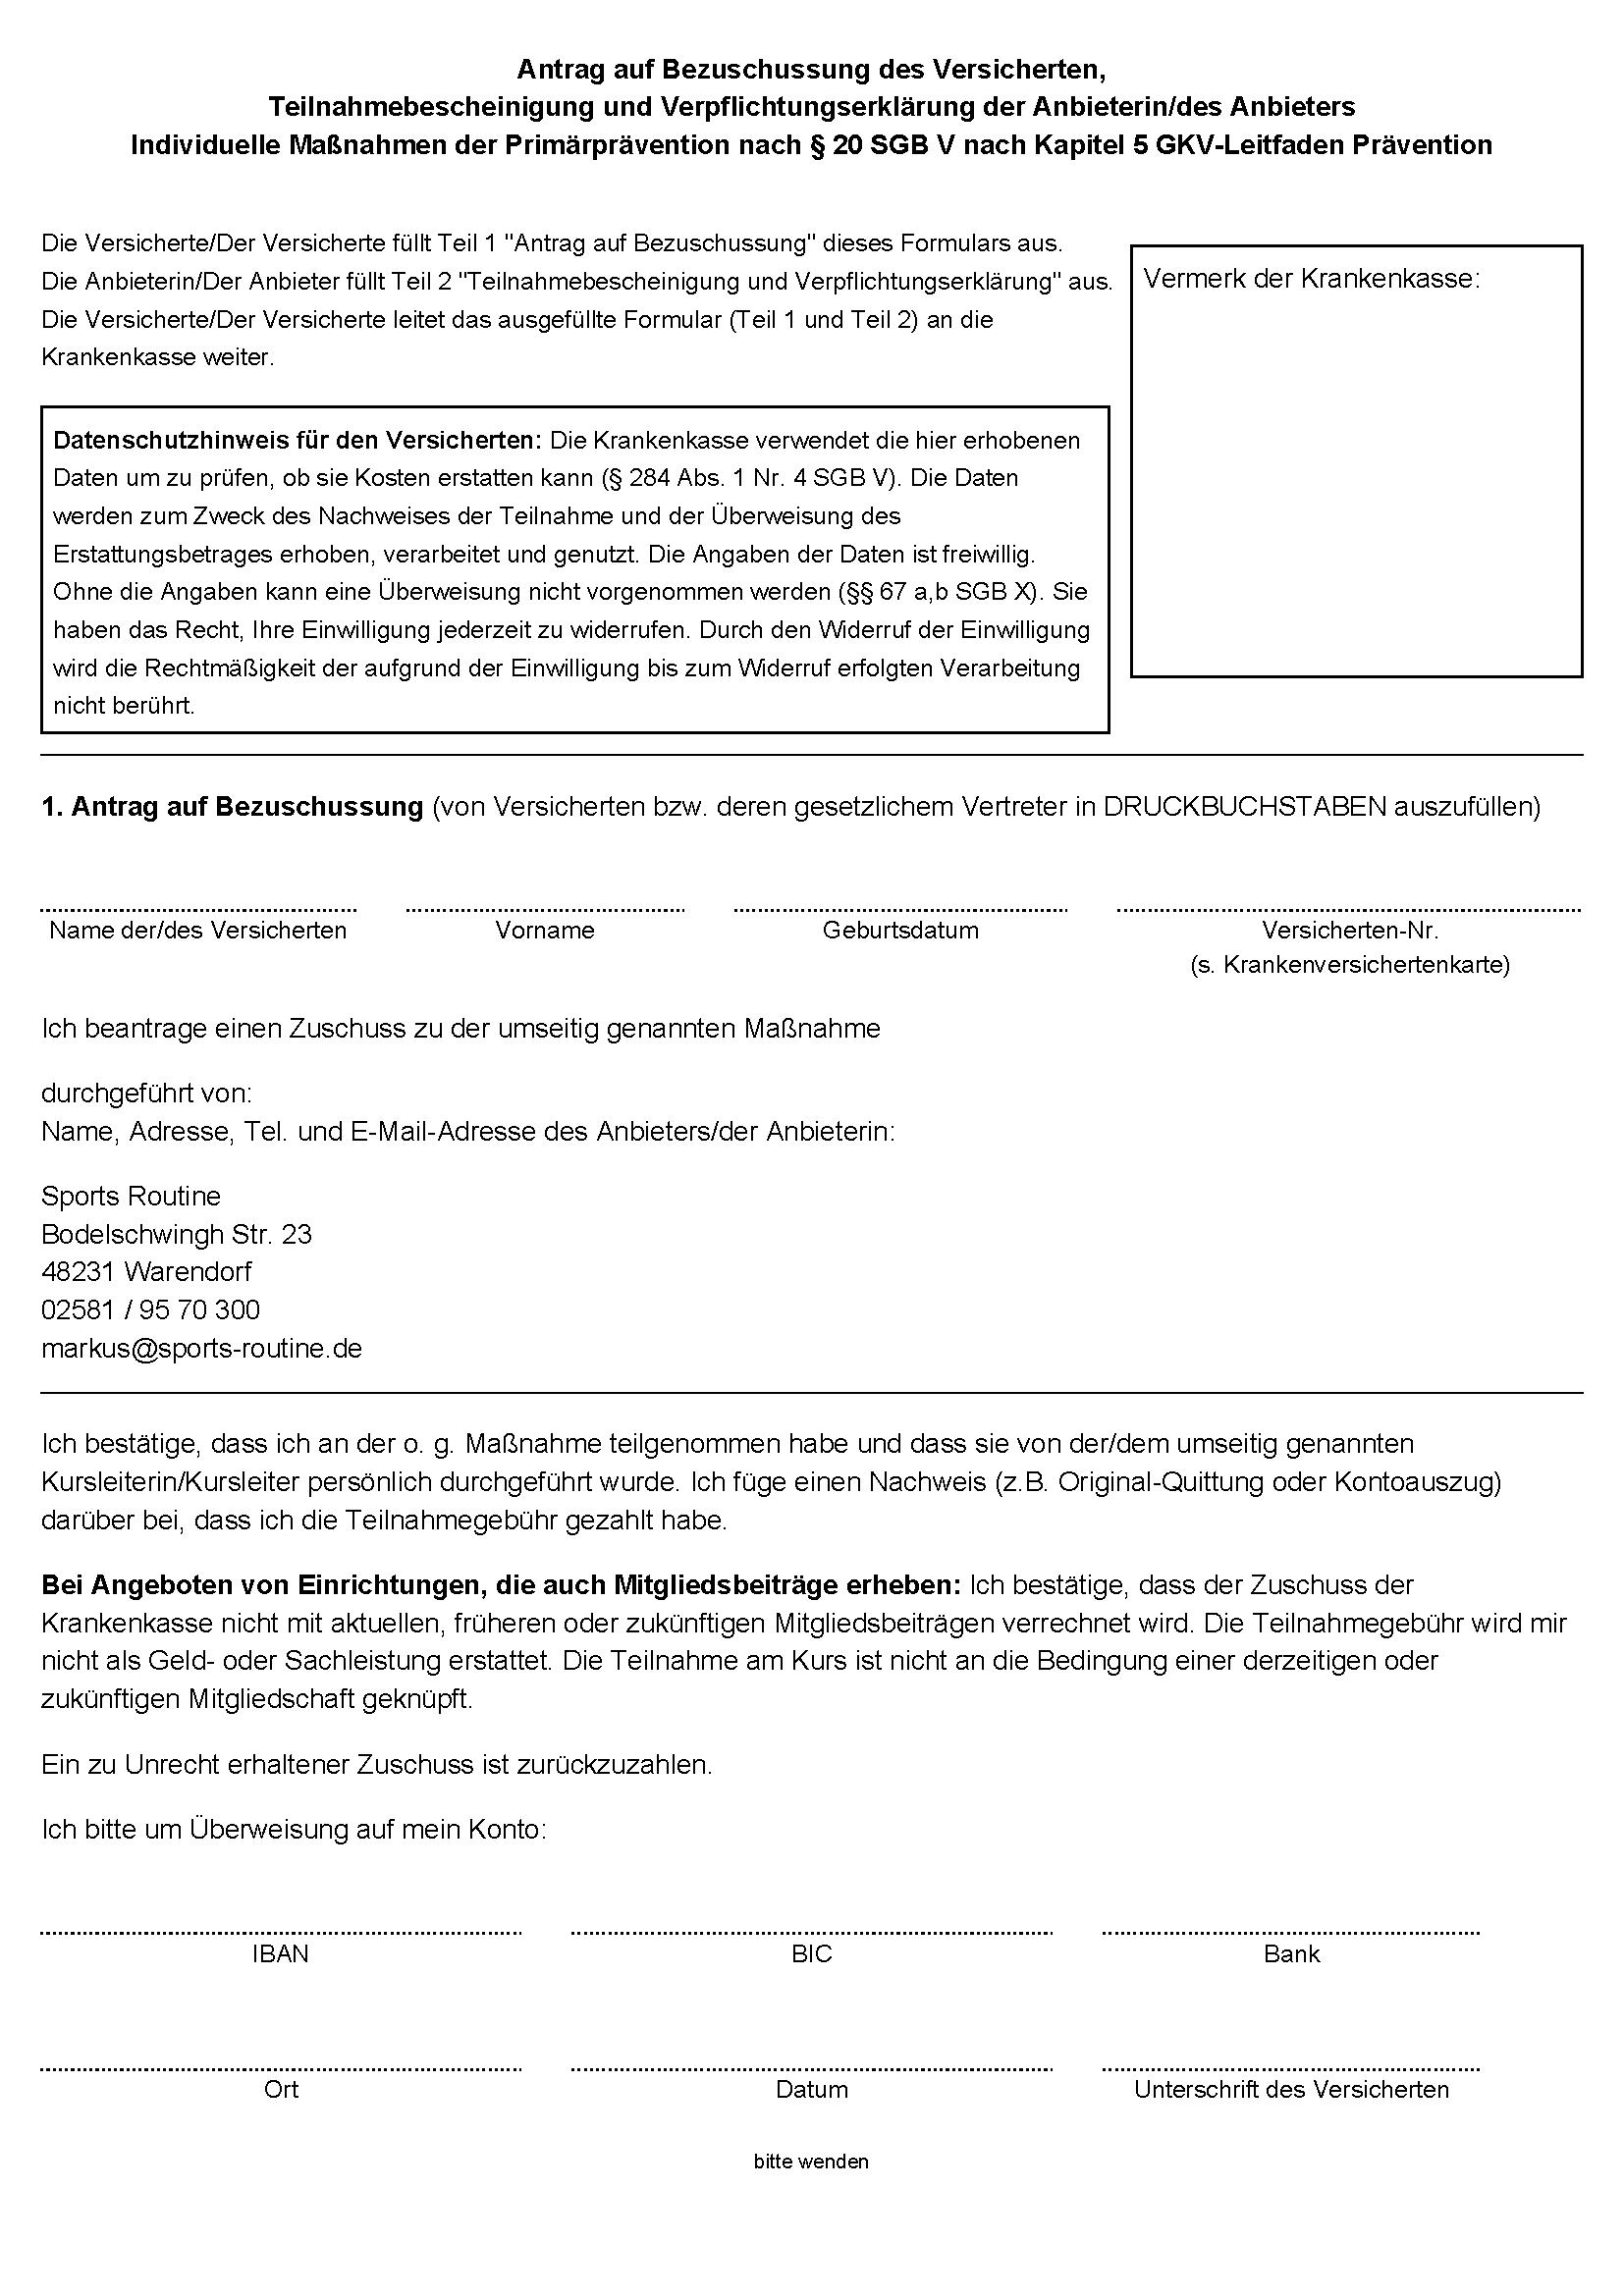 teilnahmebescheinigung_sportsroutine_Seite_1 (1)